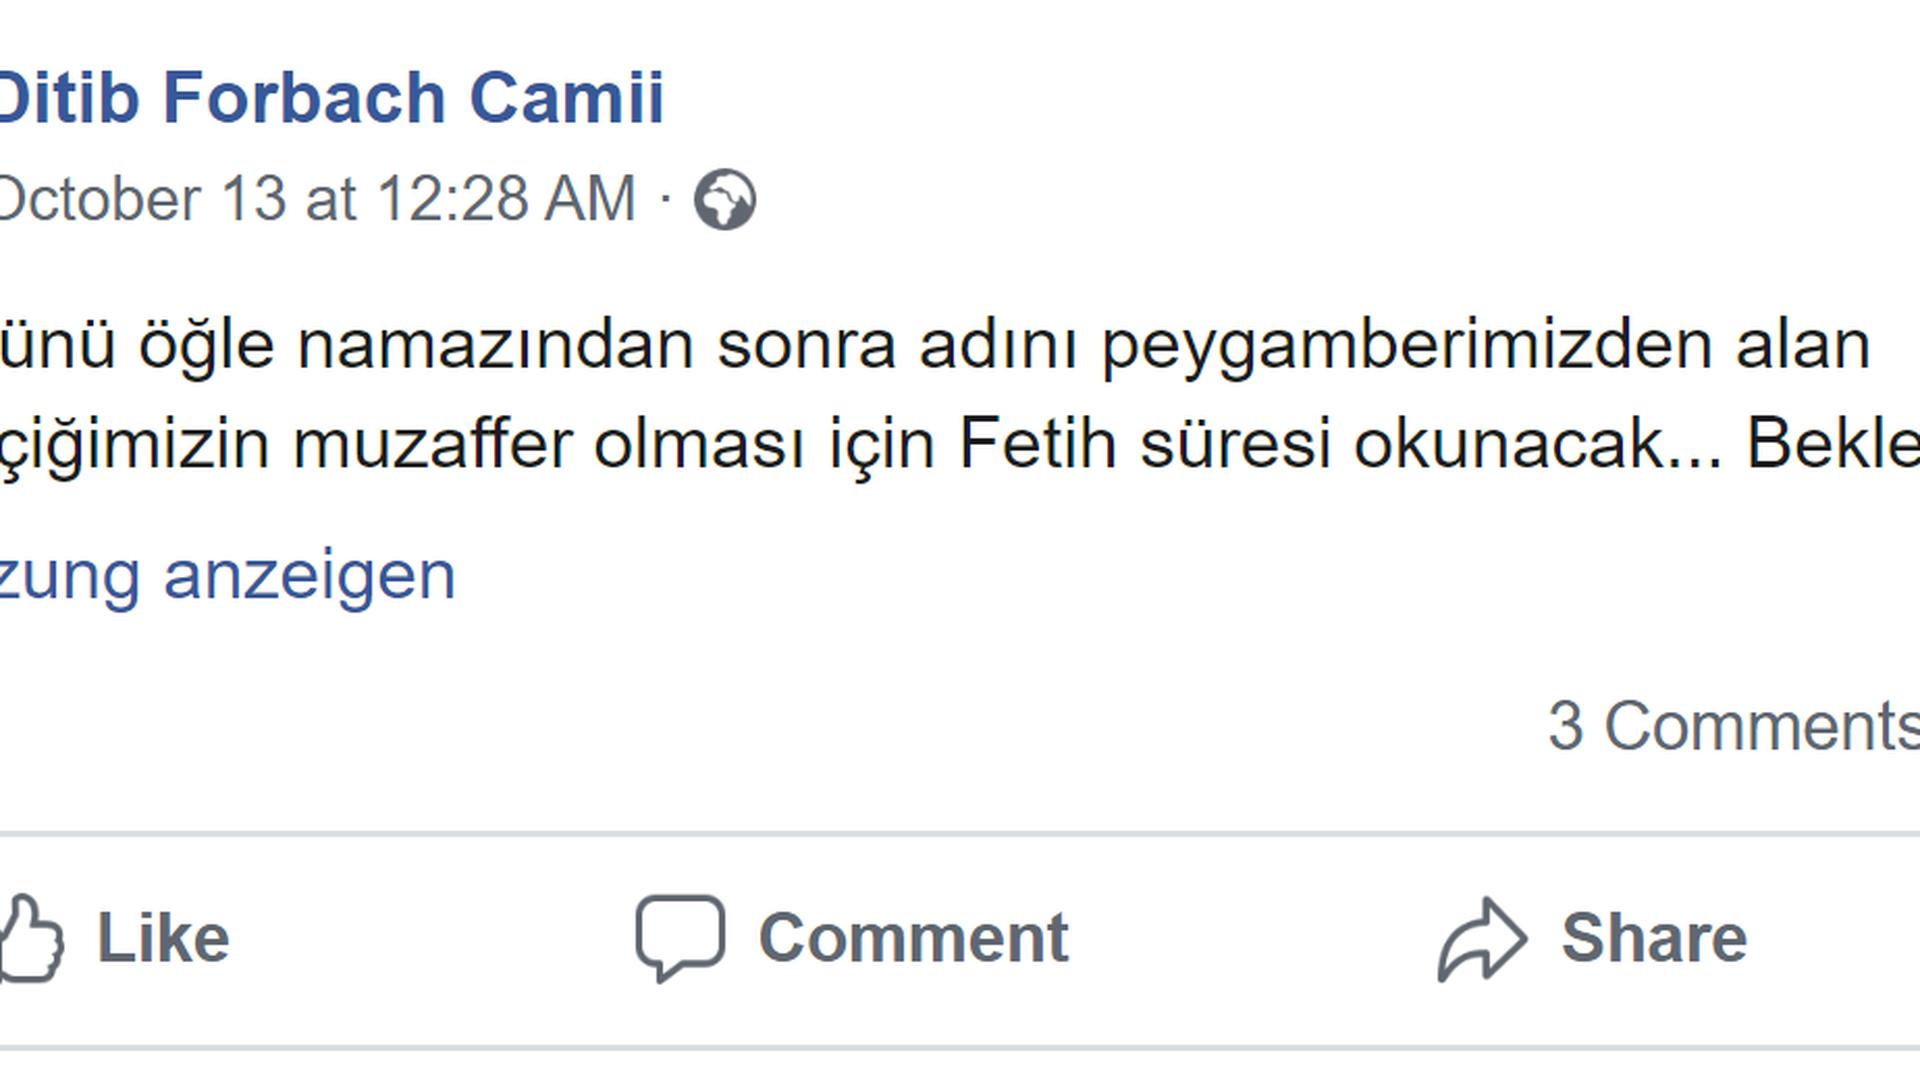 In der Ditib-Moschee Forbach wird für den türkischen Sieg gebetet.